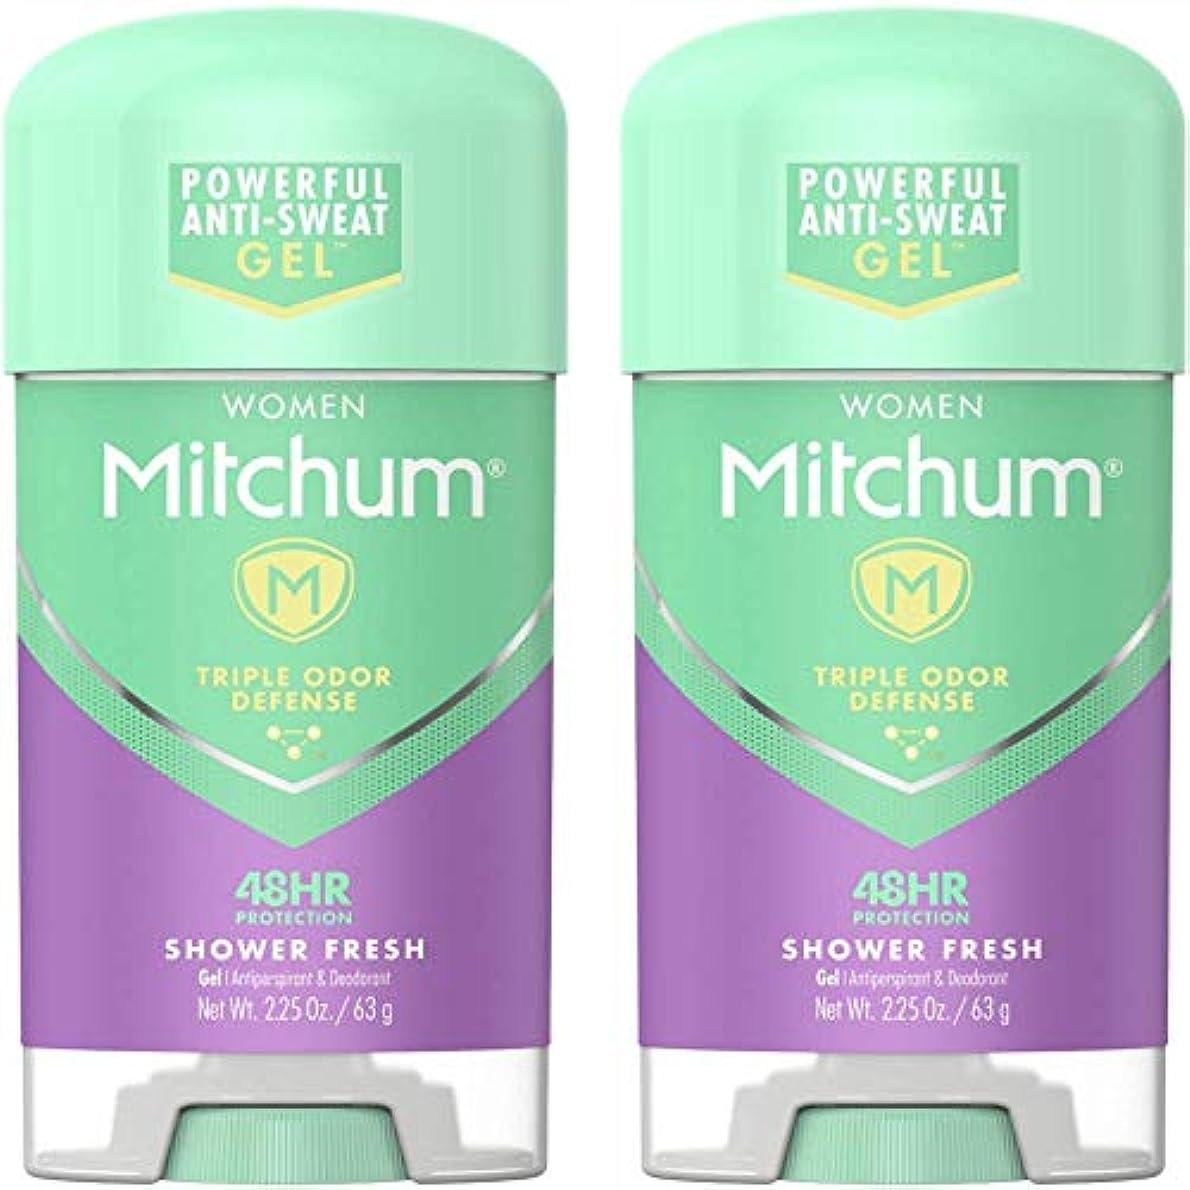 キッチン批判的に批判的にMitchum Power Gel Shower Fresh